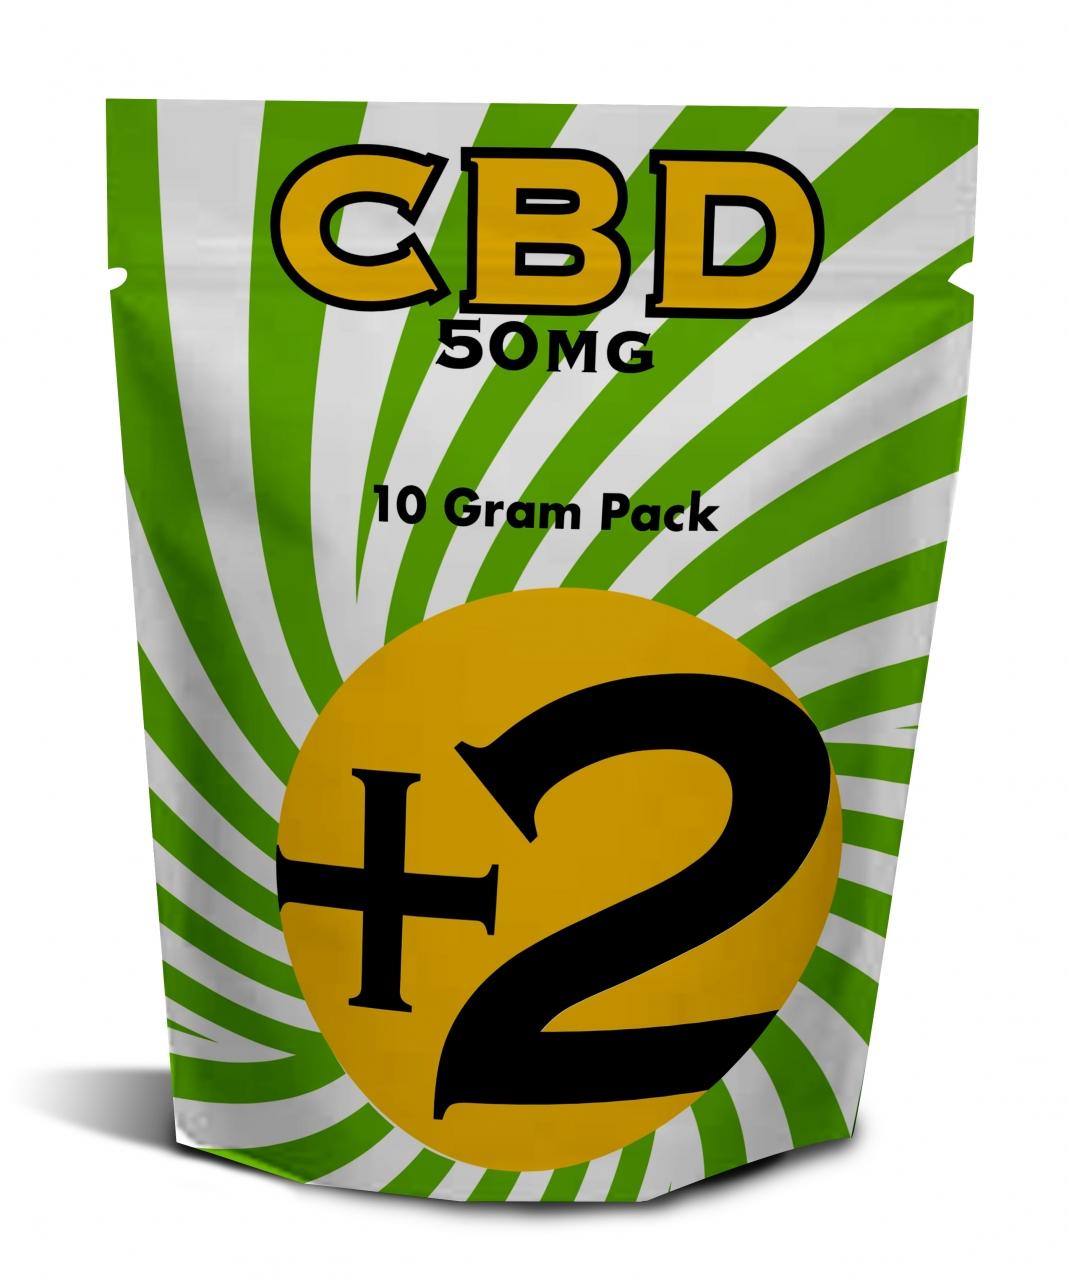 +2 CBD 2018-08-02 - +2 loose 10 gram bag 50mg dose per bag